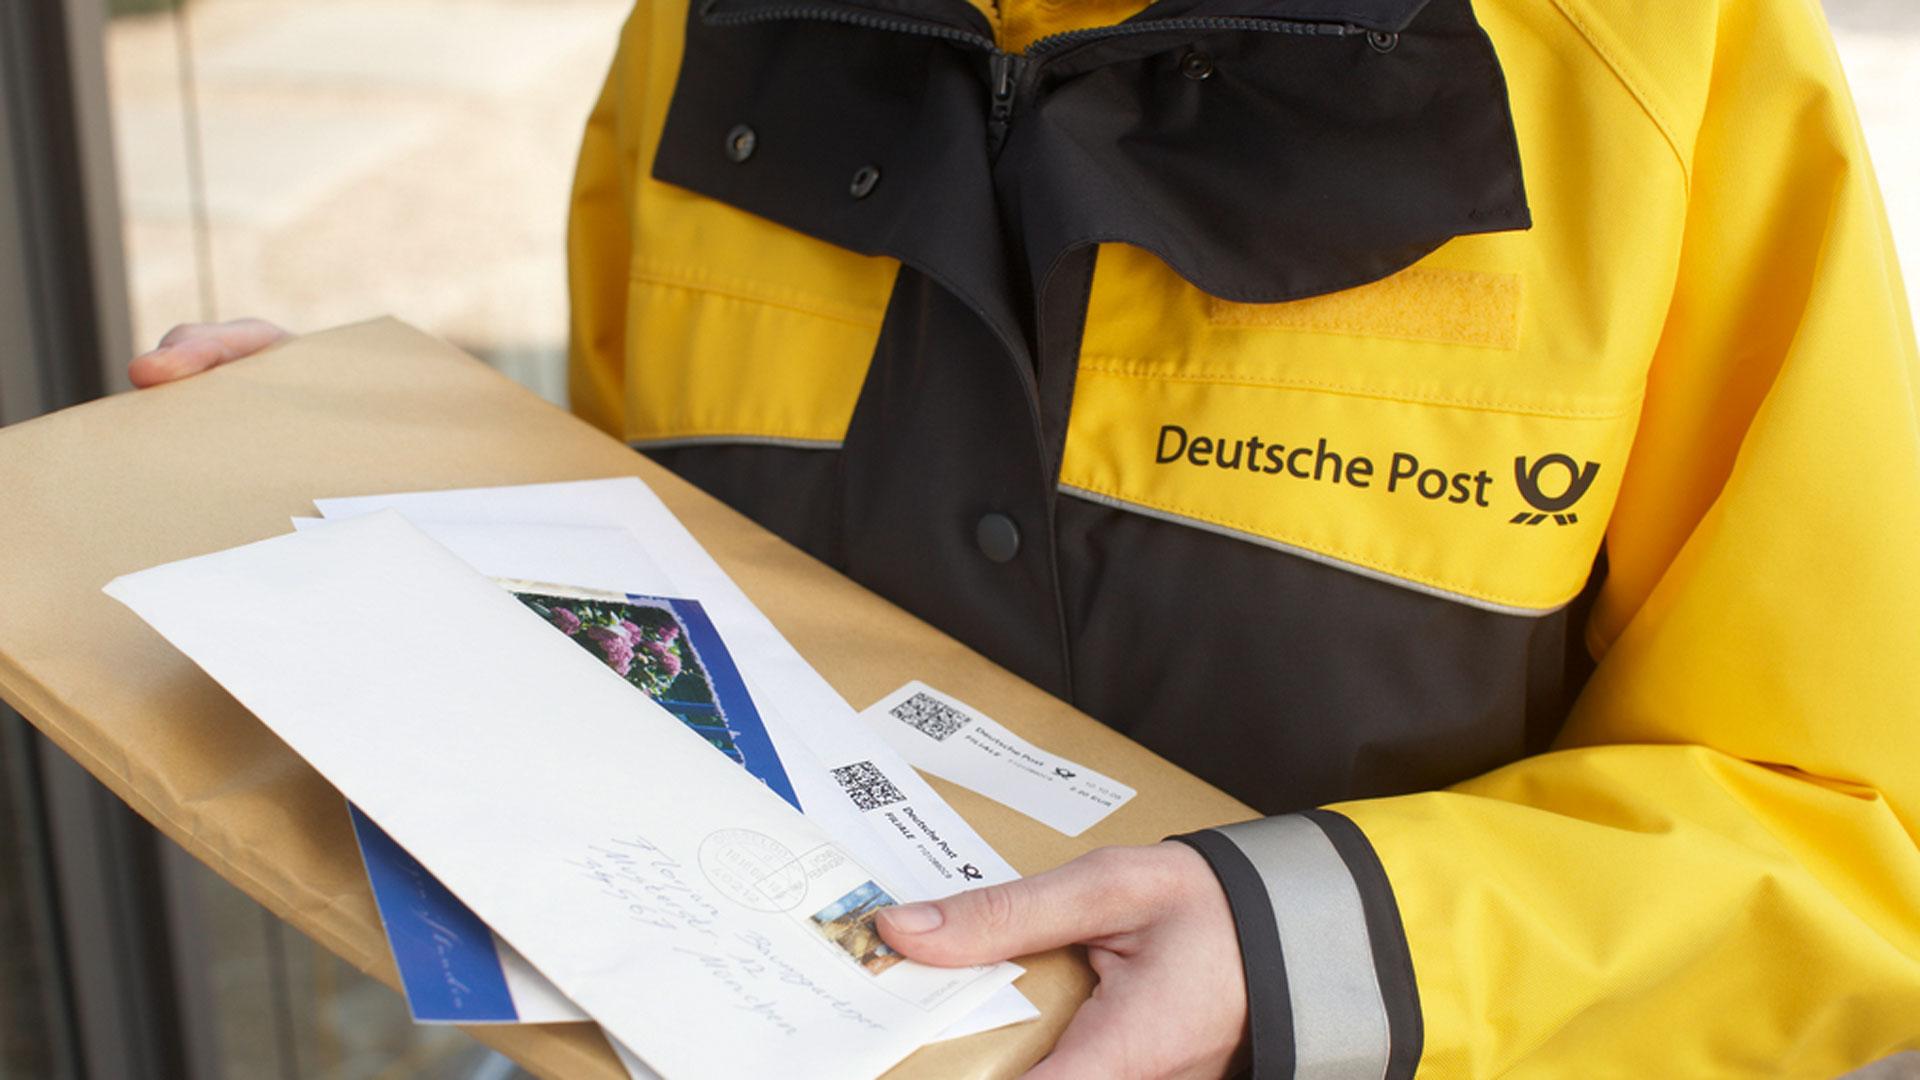 Deutsche Post: Bald keine Pakete mehr?